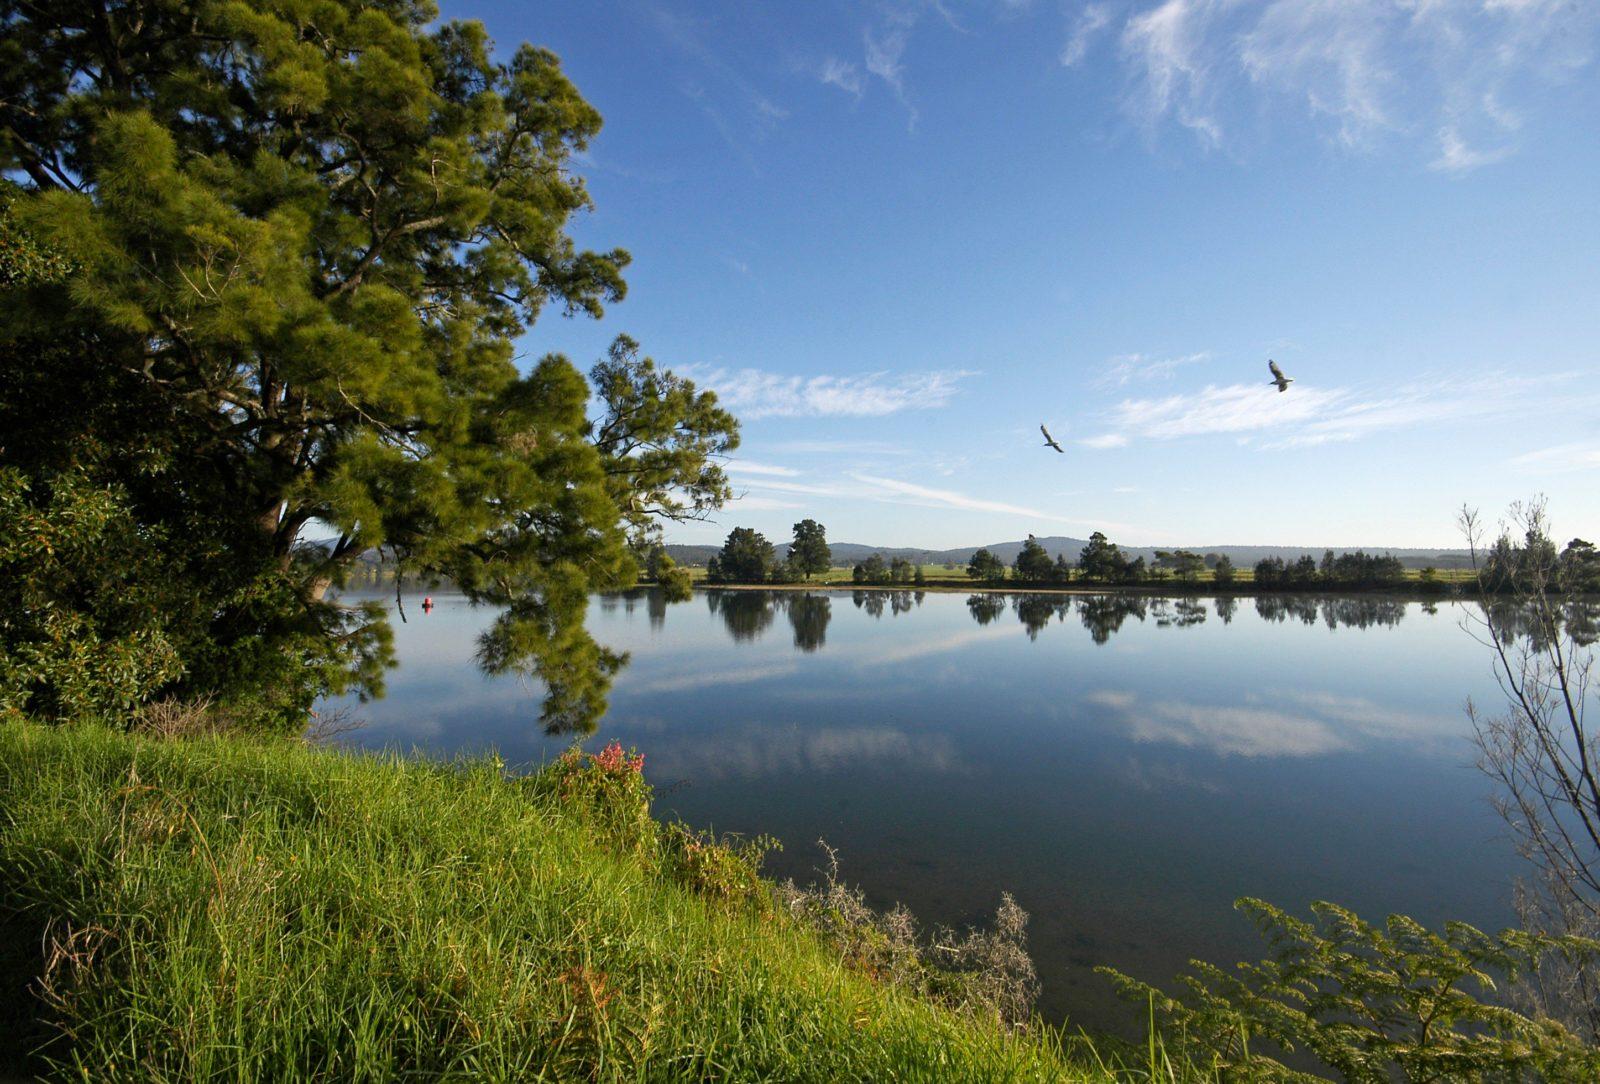 The town of Moruya sites on the banks of the Moruya River